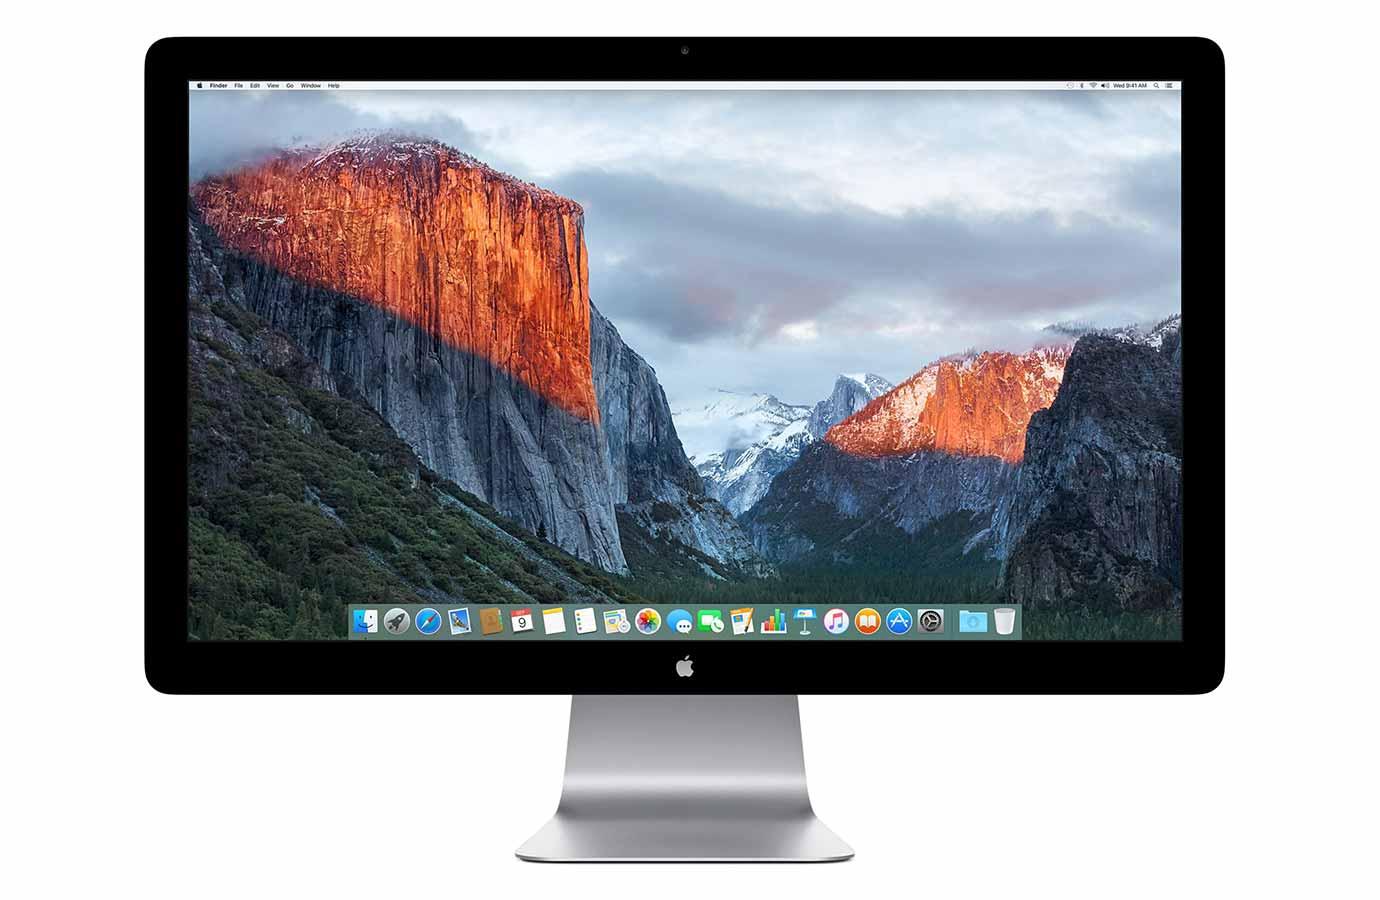 Apple、オンラインストアで「Apple Thunderbolt Display」の販売を終了 – 将来的な復活が示唆される?